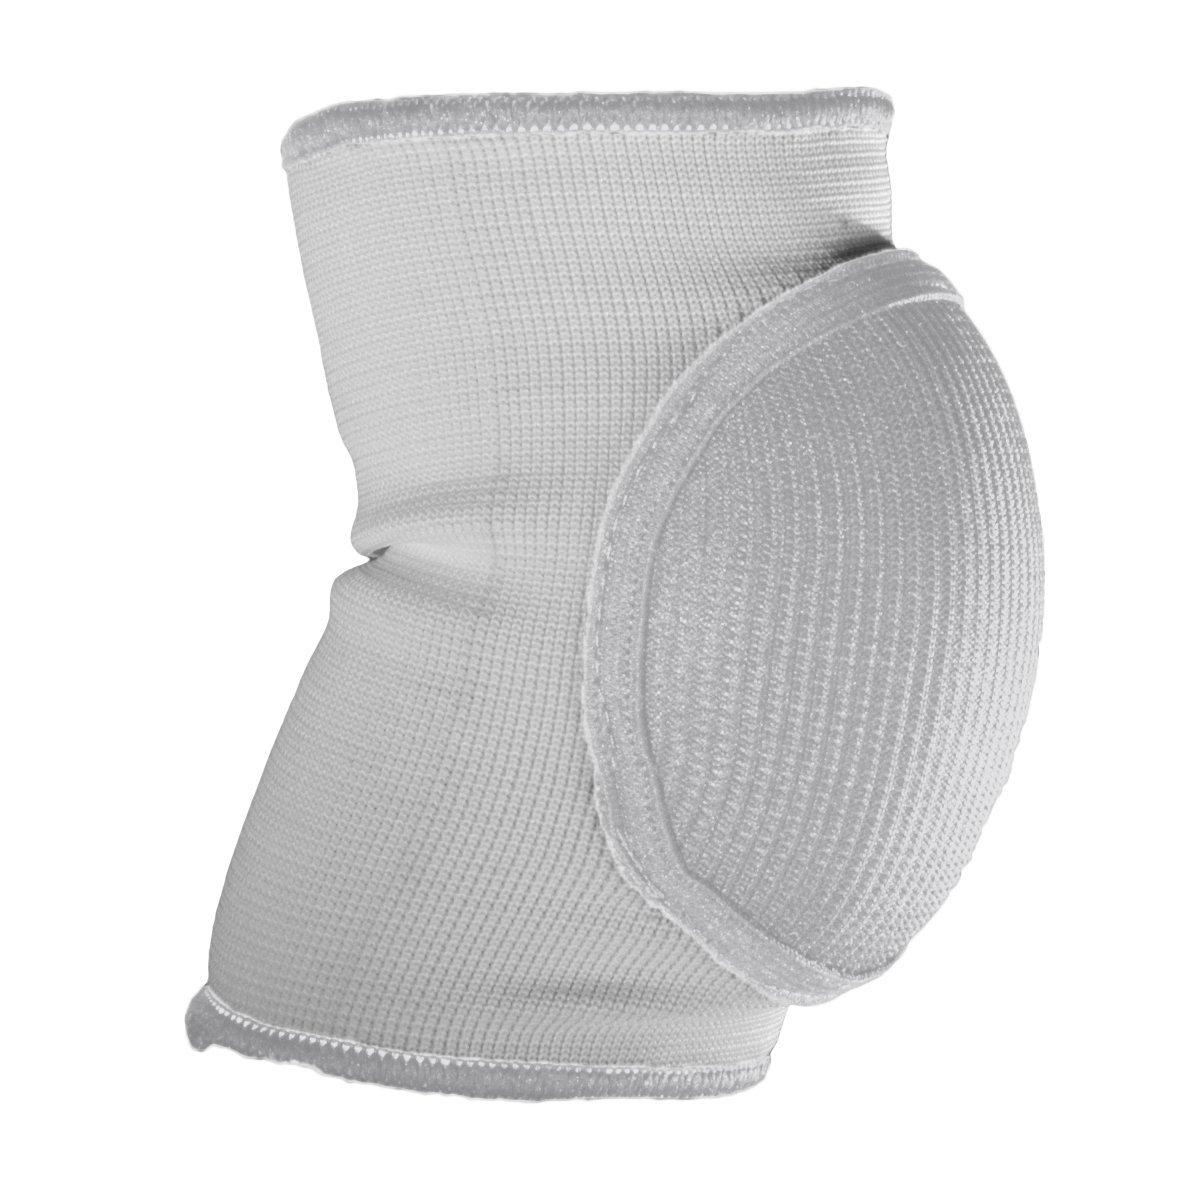 Cotoveleira e Joelheira Infantil Rehr - Branco - Compre Agora  a674e8d7a1cab